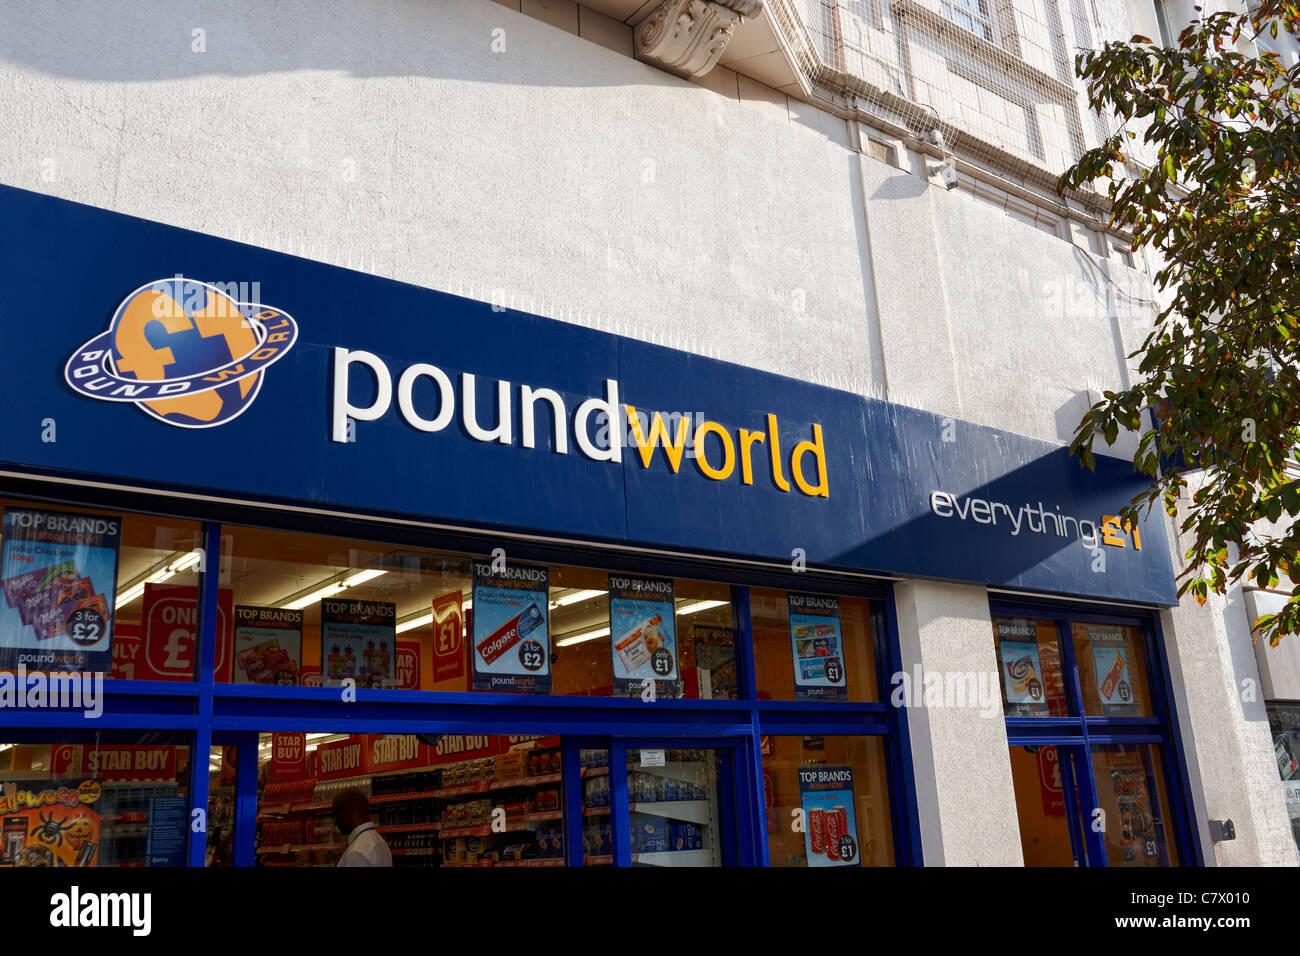 Pound World shop front UK - Stock Image